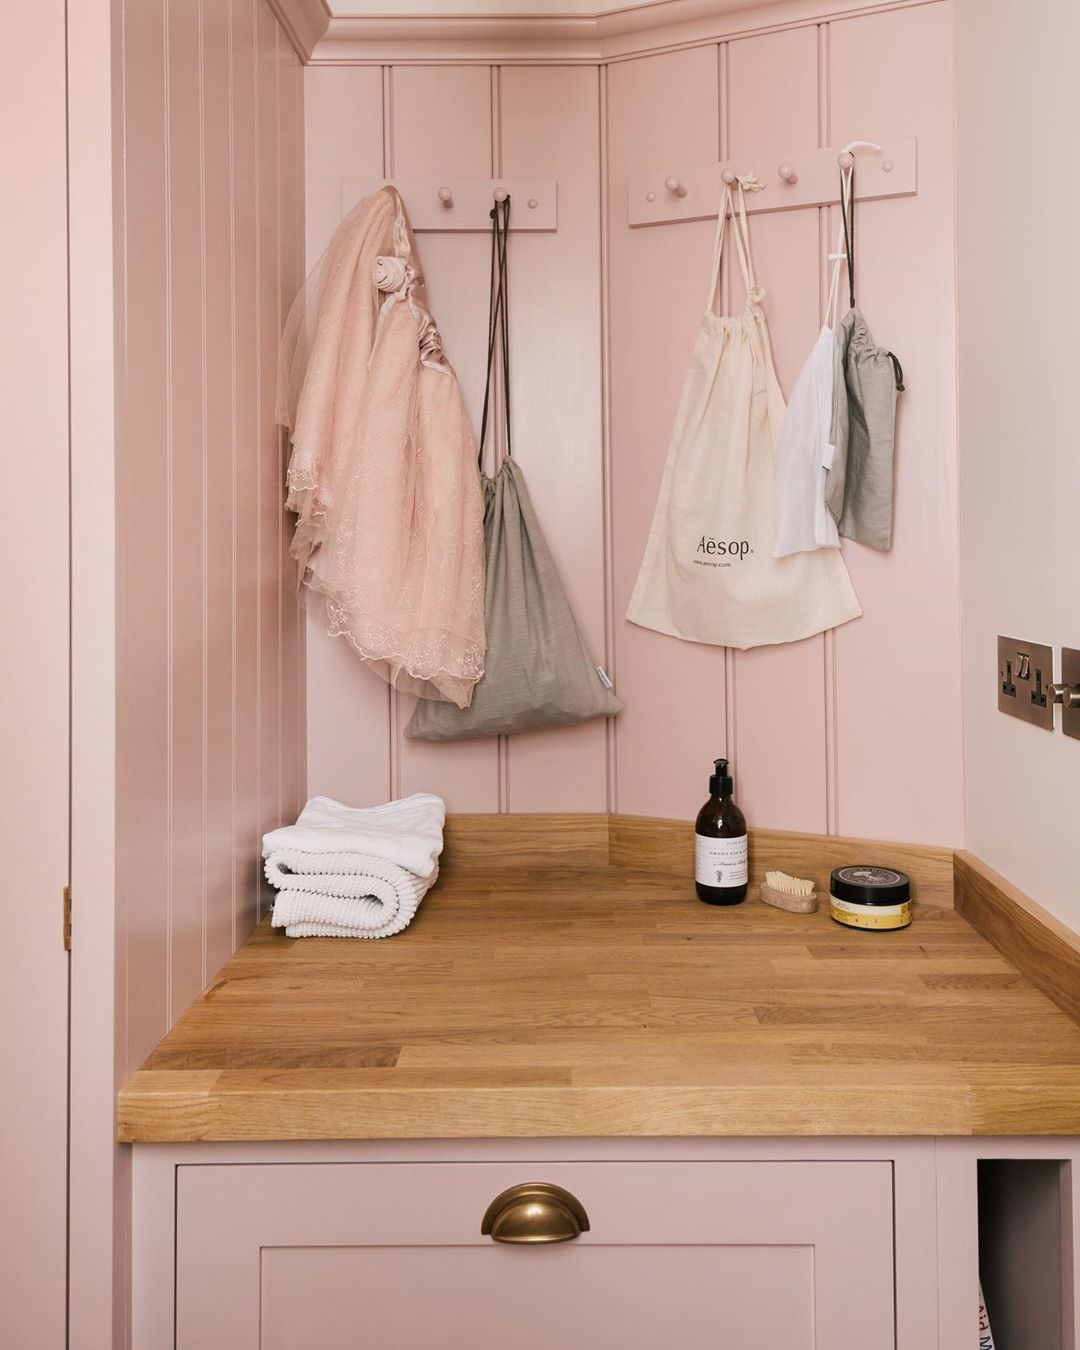 23 Small Laundry Room Ideas Small Laundry Room Storage Tips